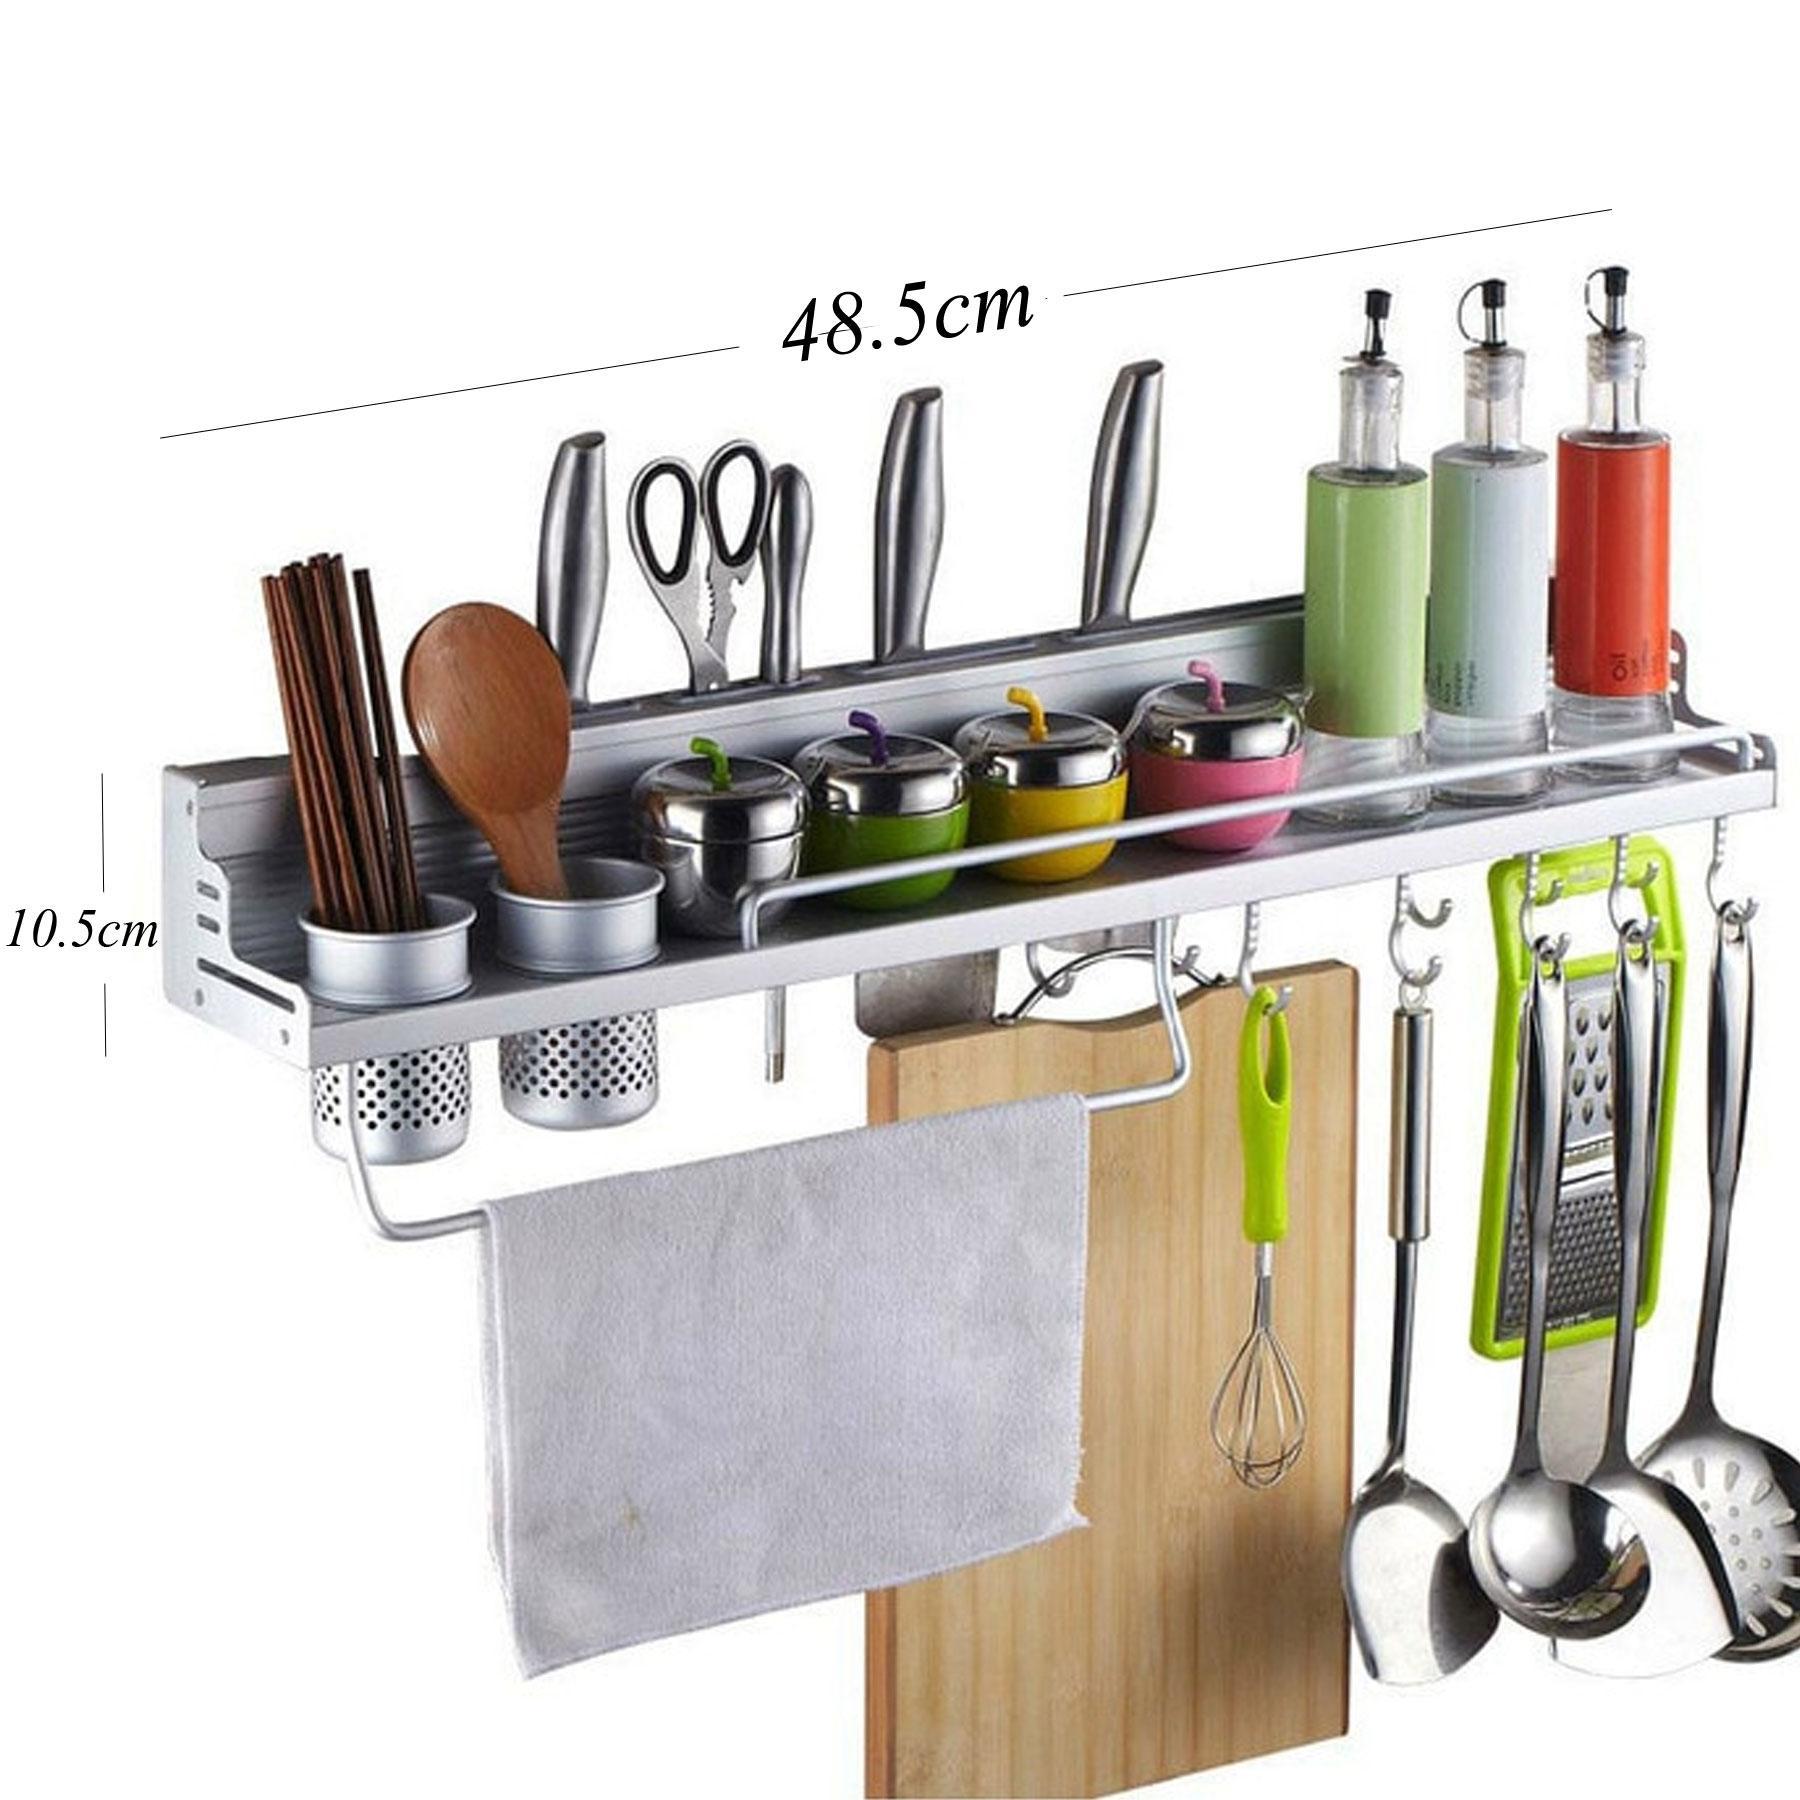 Cleaning Sticky Vinyl Clad Wire Shelves | Kitchen Organizer For Sale Kitchen Organization Prices Brands